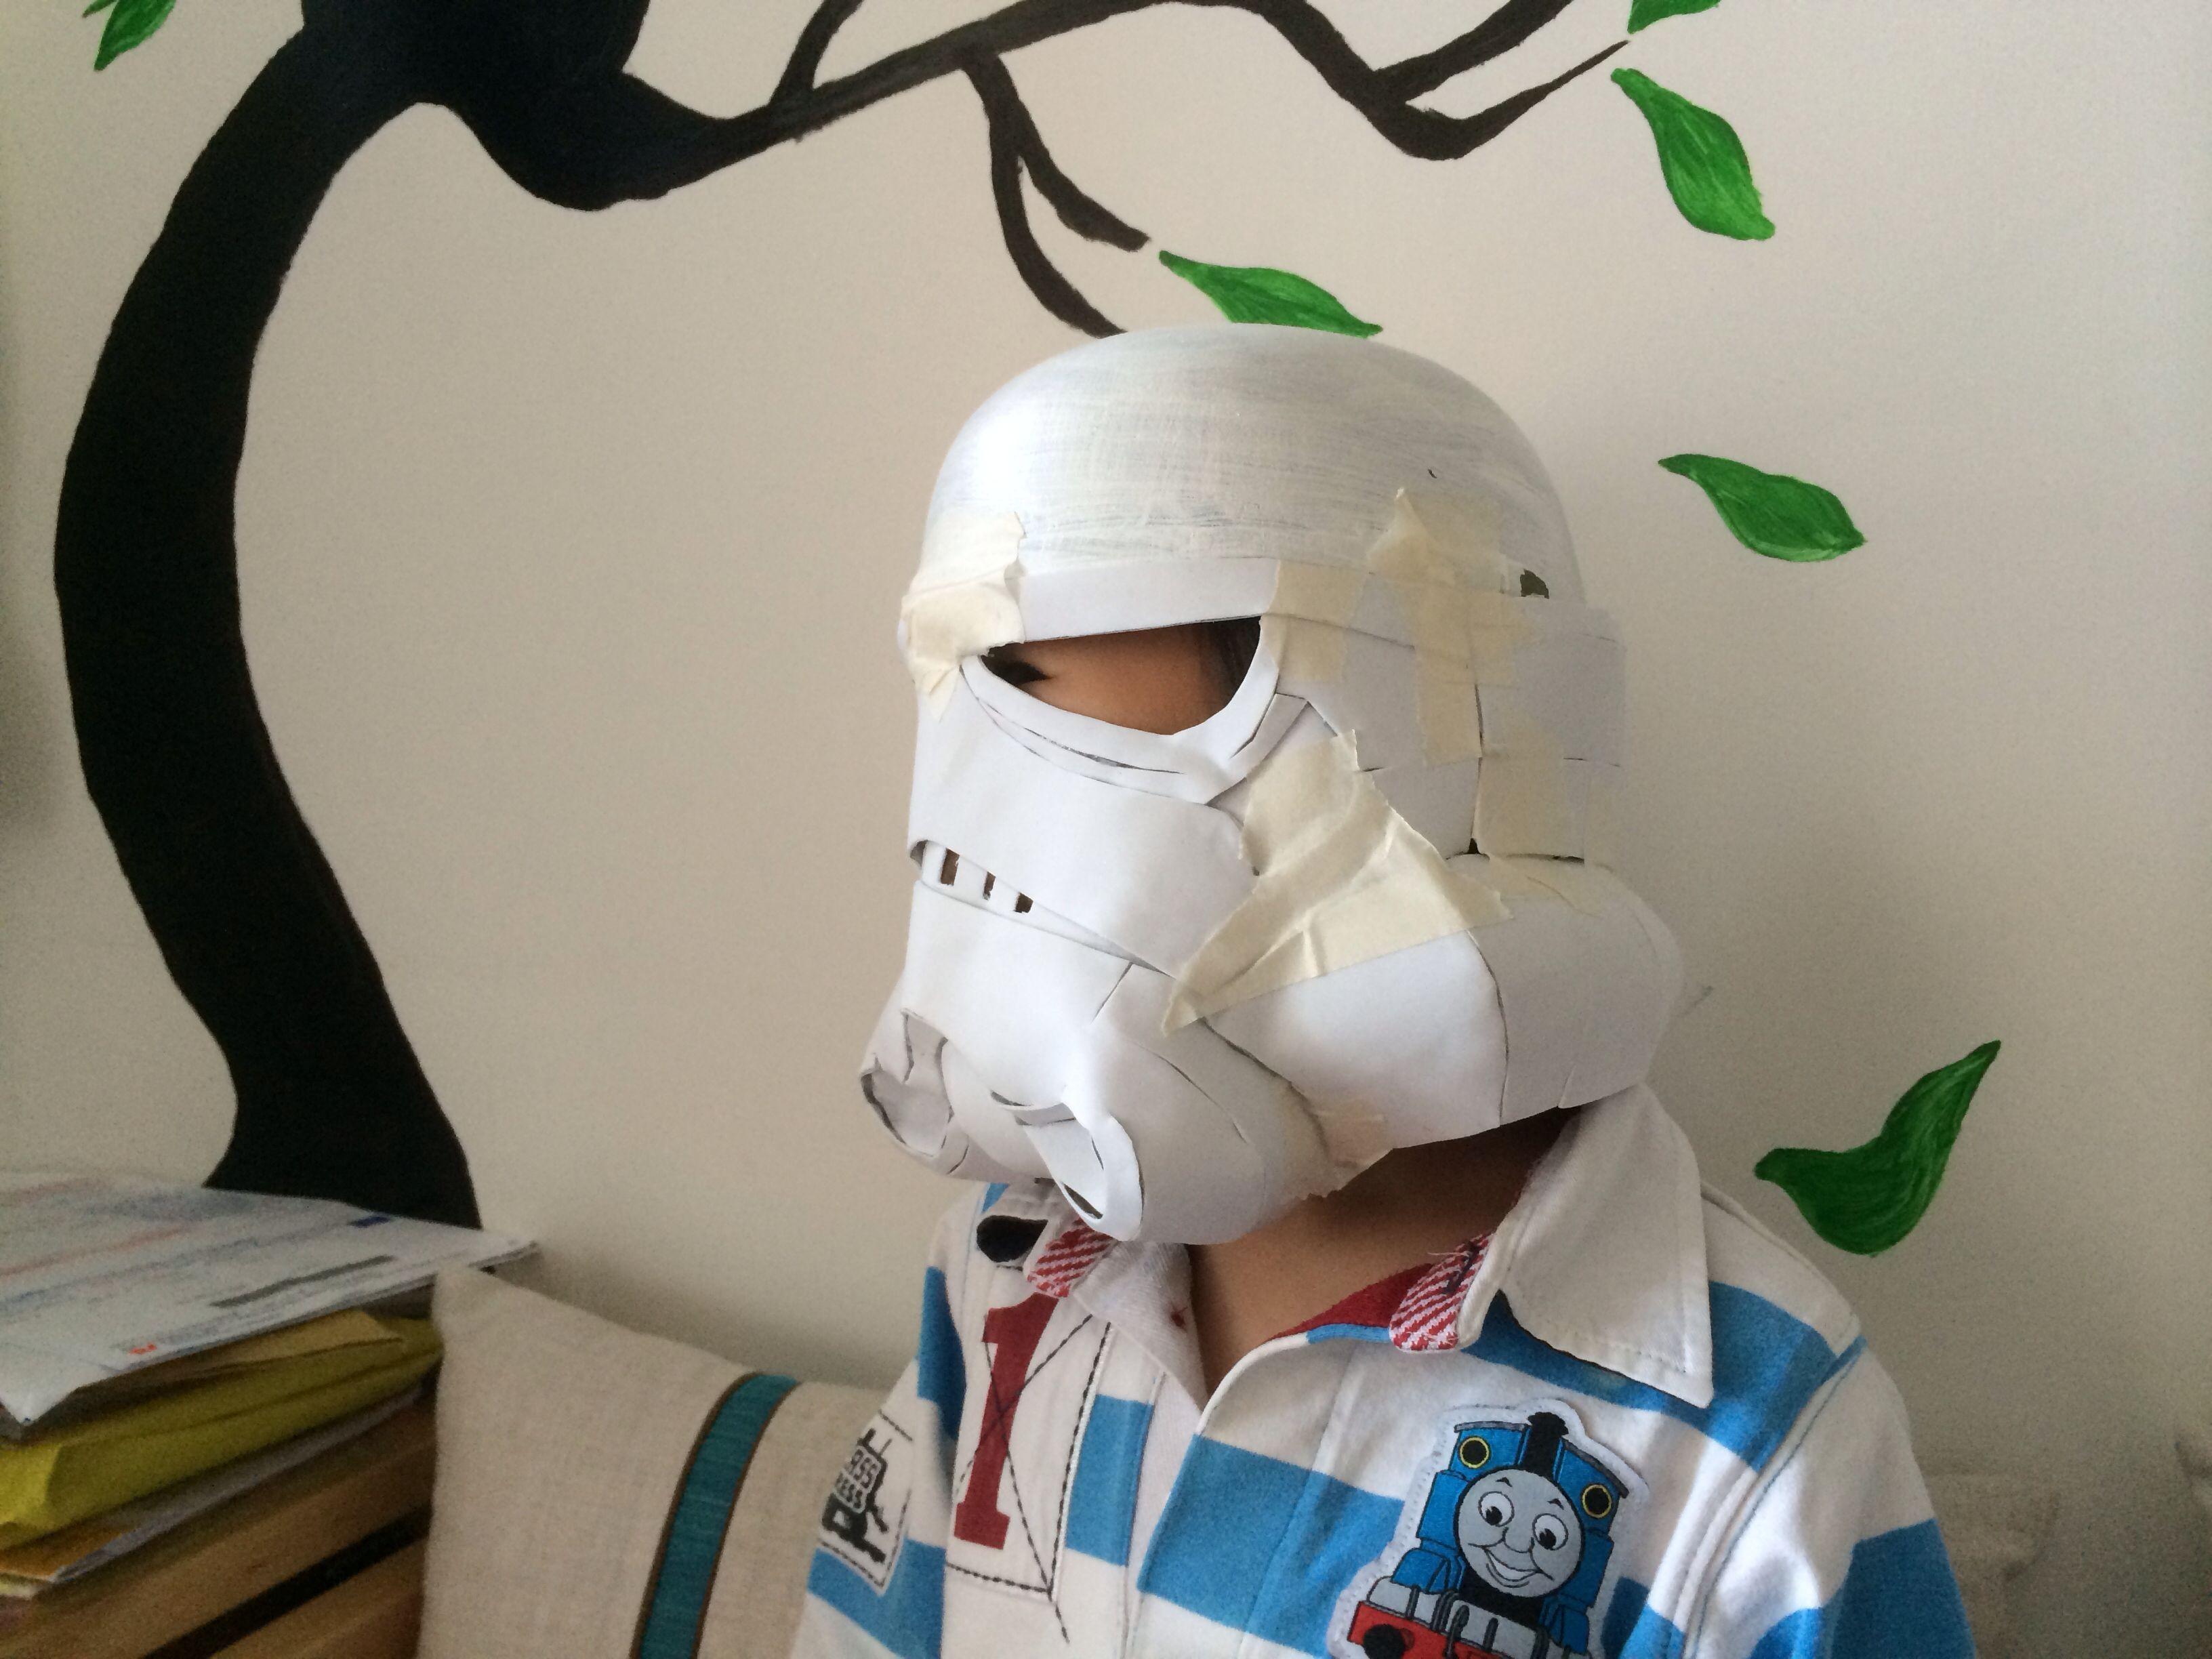 Stormtrooper Papercraft Helmet Stormtrooper Helmet Wip Diy Stormtrooper Sandtrooper